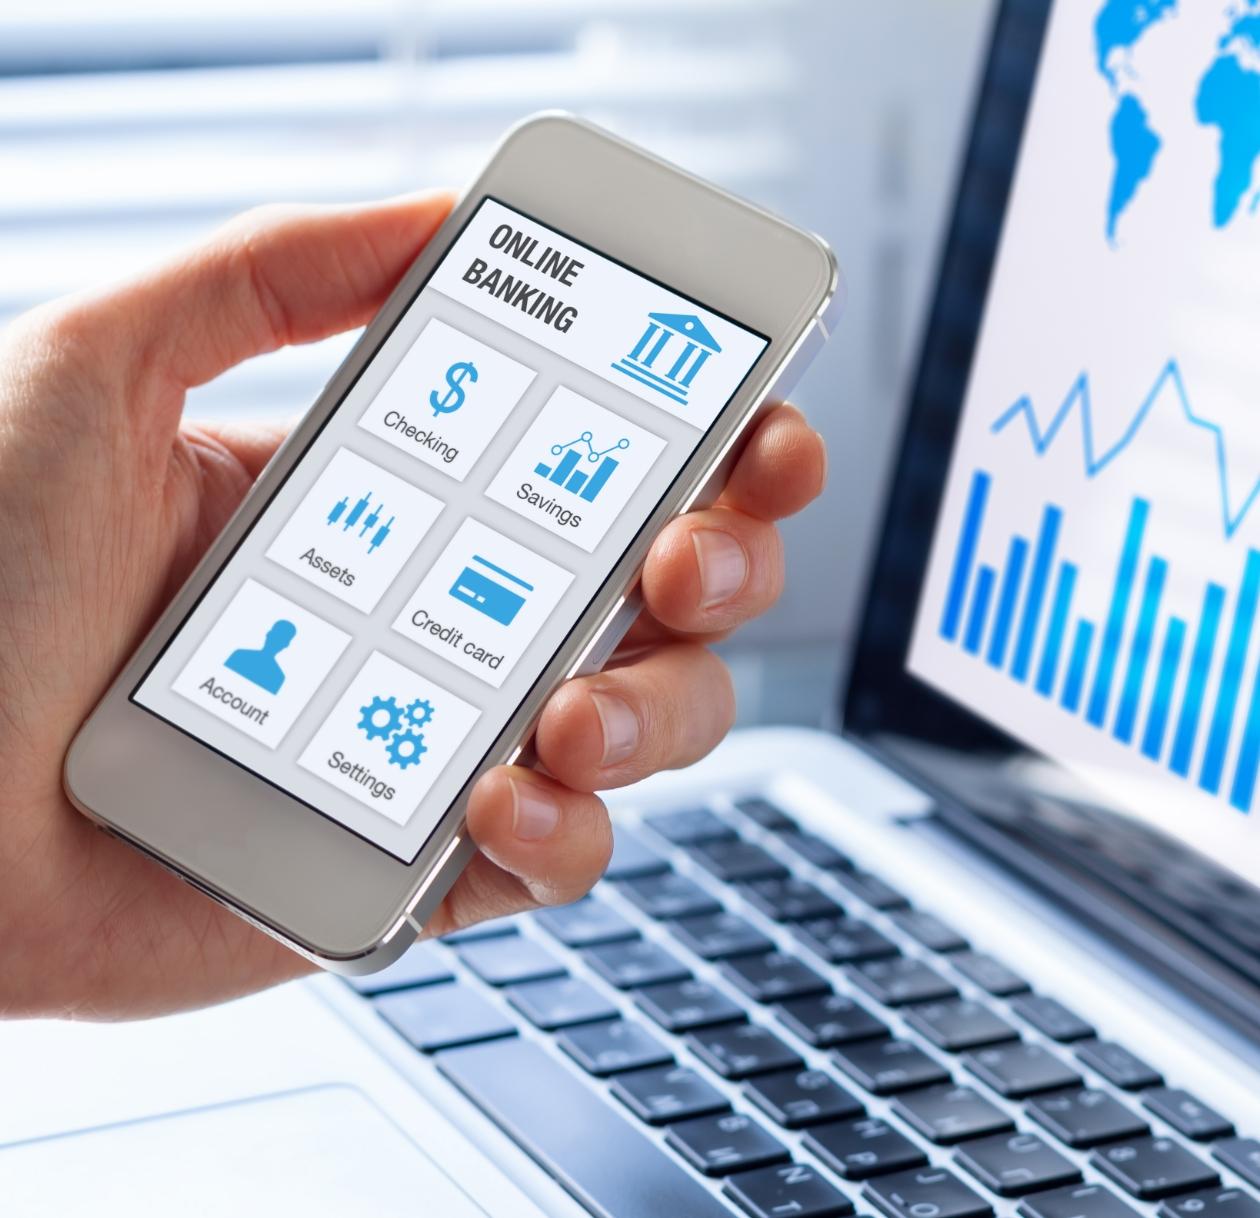 Enterprise Data Framework for HealthCare Systems